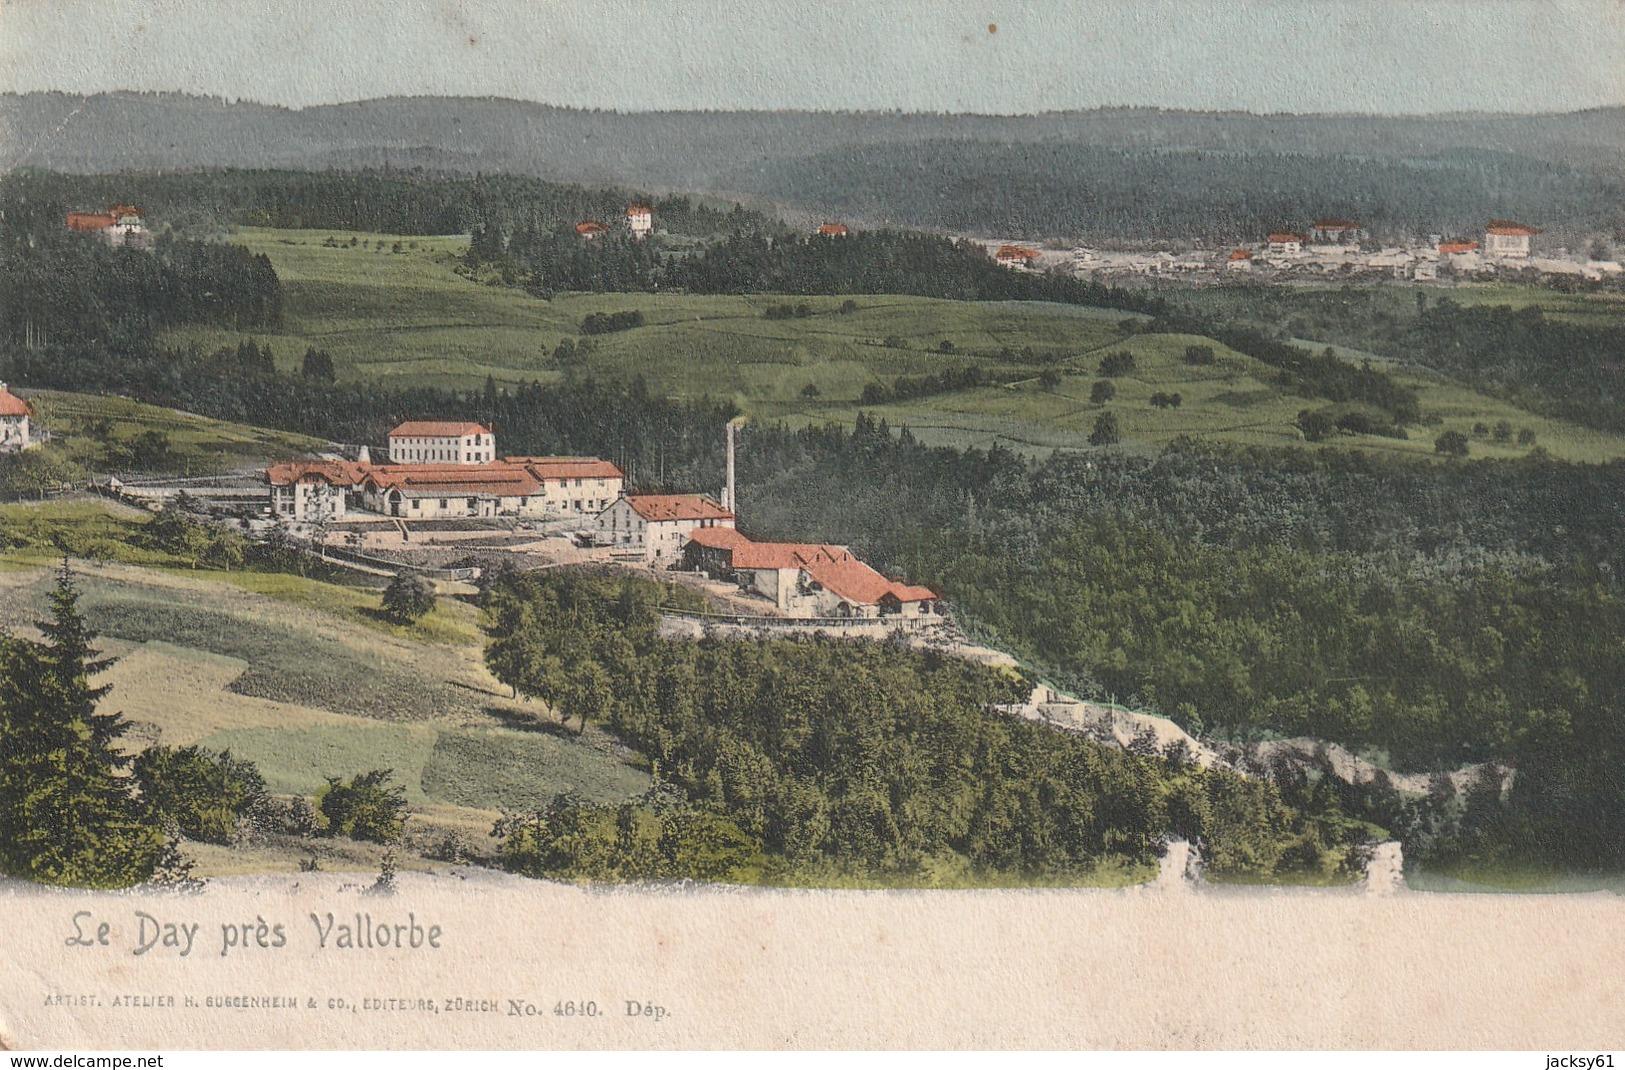 Le Day Prés Vallorbe - VD Vaud